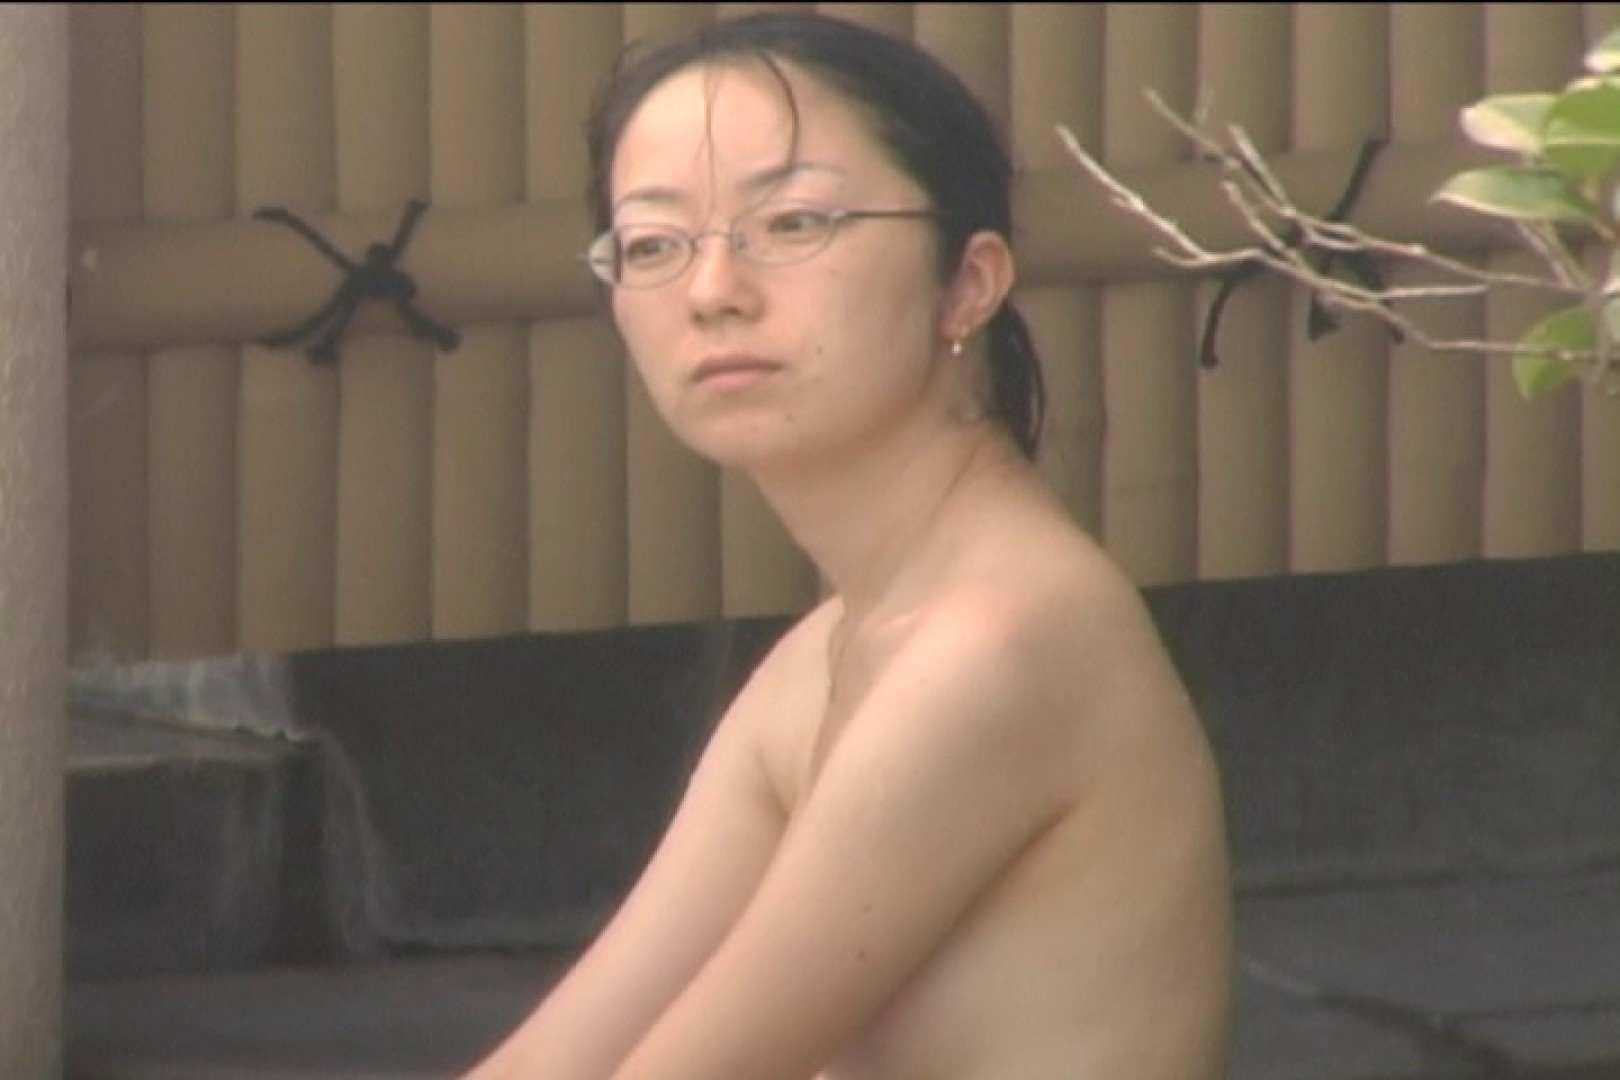 Aquaな露天風呂Vol.534 美しいOLの裸体 | 盗撮師作品  87pic 61